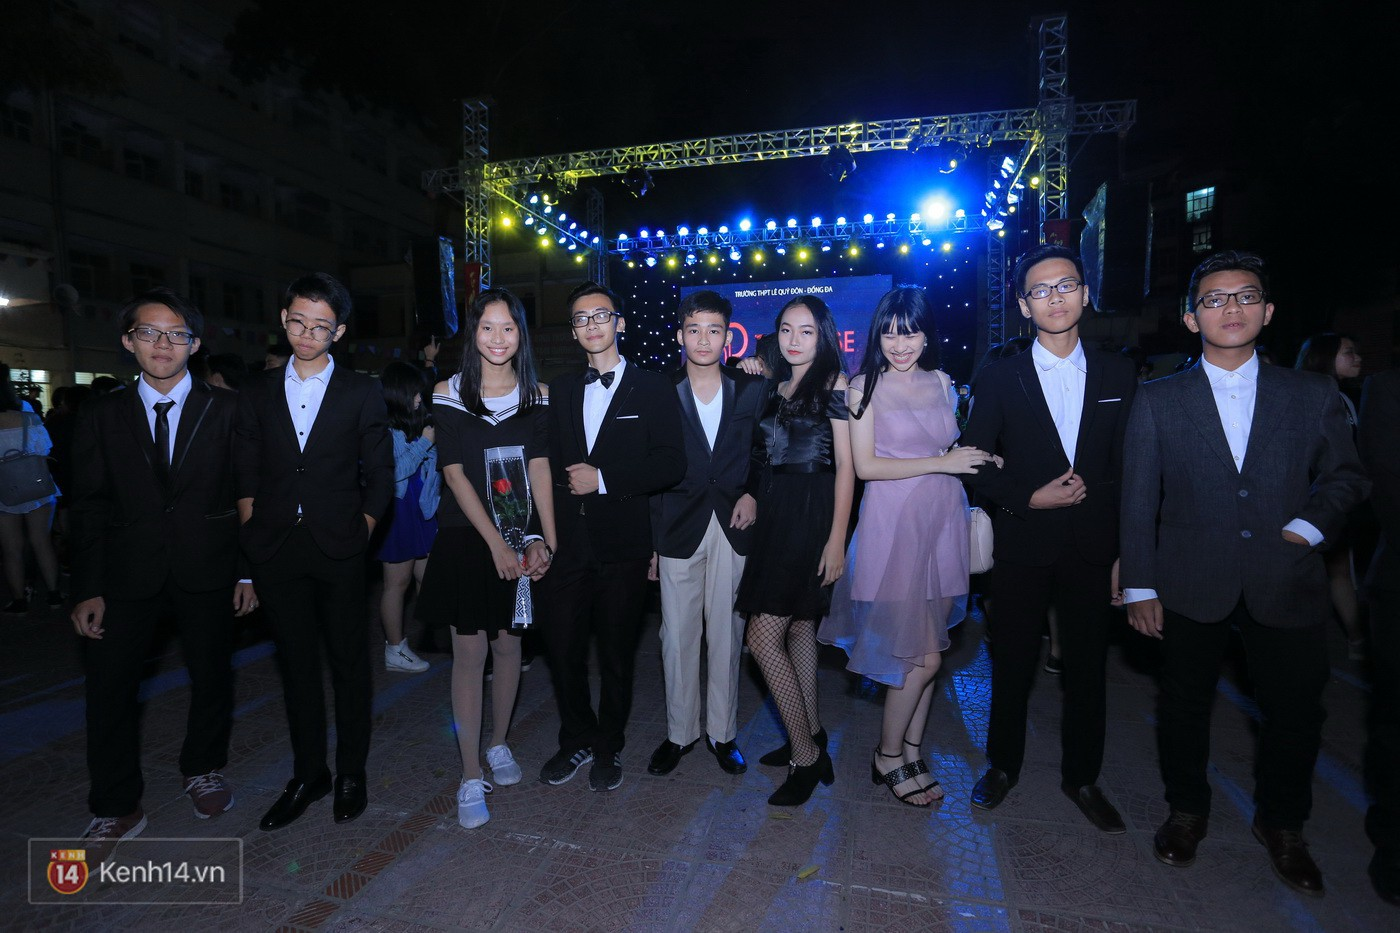 Trai xinh gái đẹp trường Lê Quý Đôn (Hà Nội) quẩy tưng bừng trong prom chào mừng 20/11 - Ảnh 2.